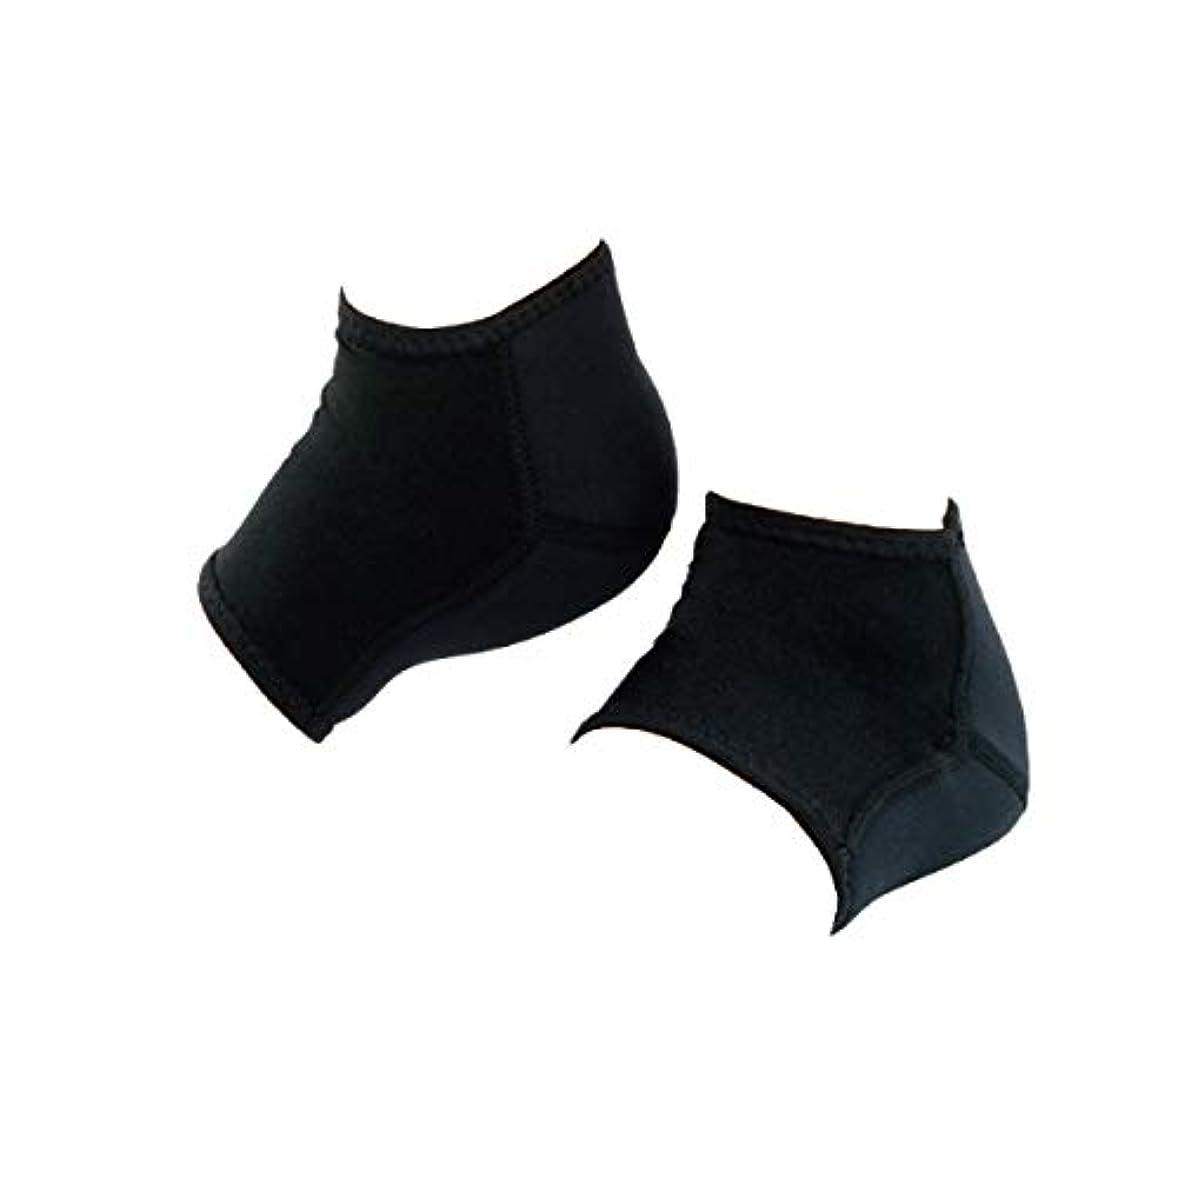 要件格納望遠鏡靴下 かかと 保湿 チタン 素足小町 レギュラー